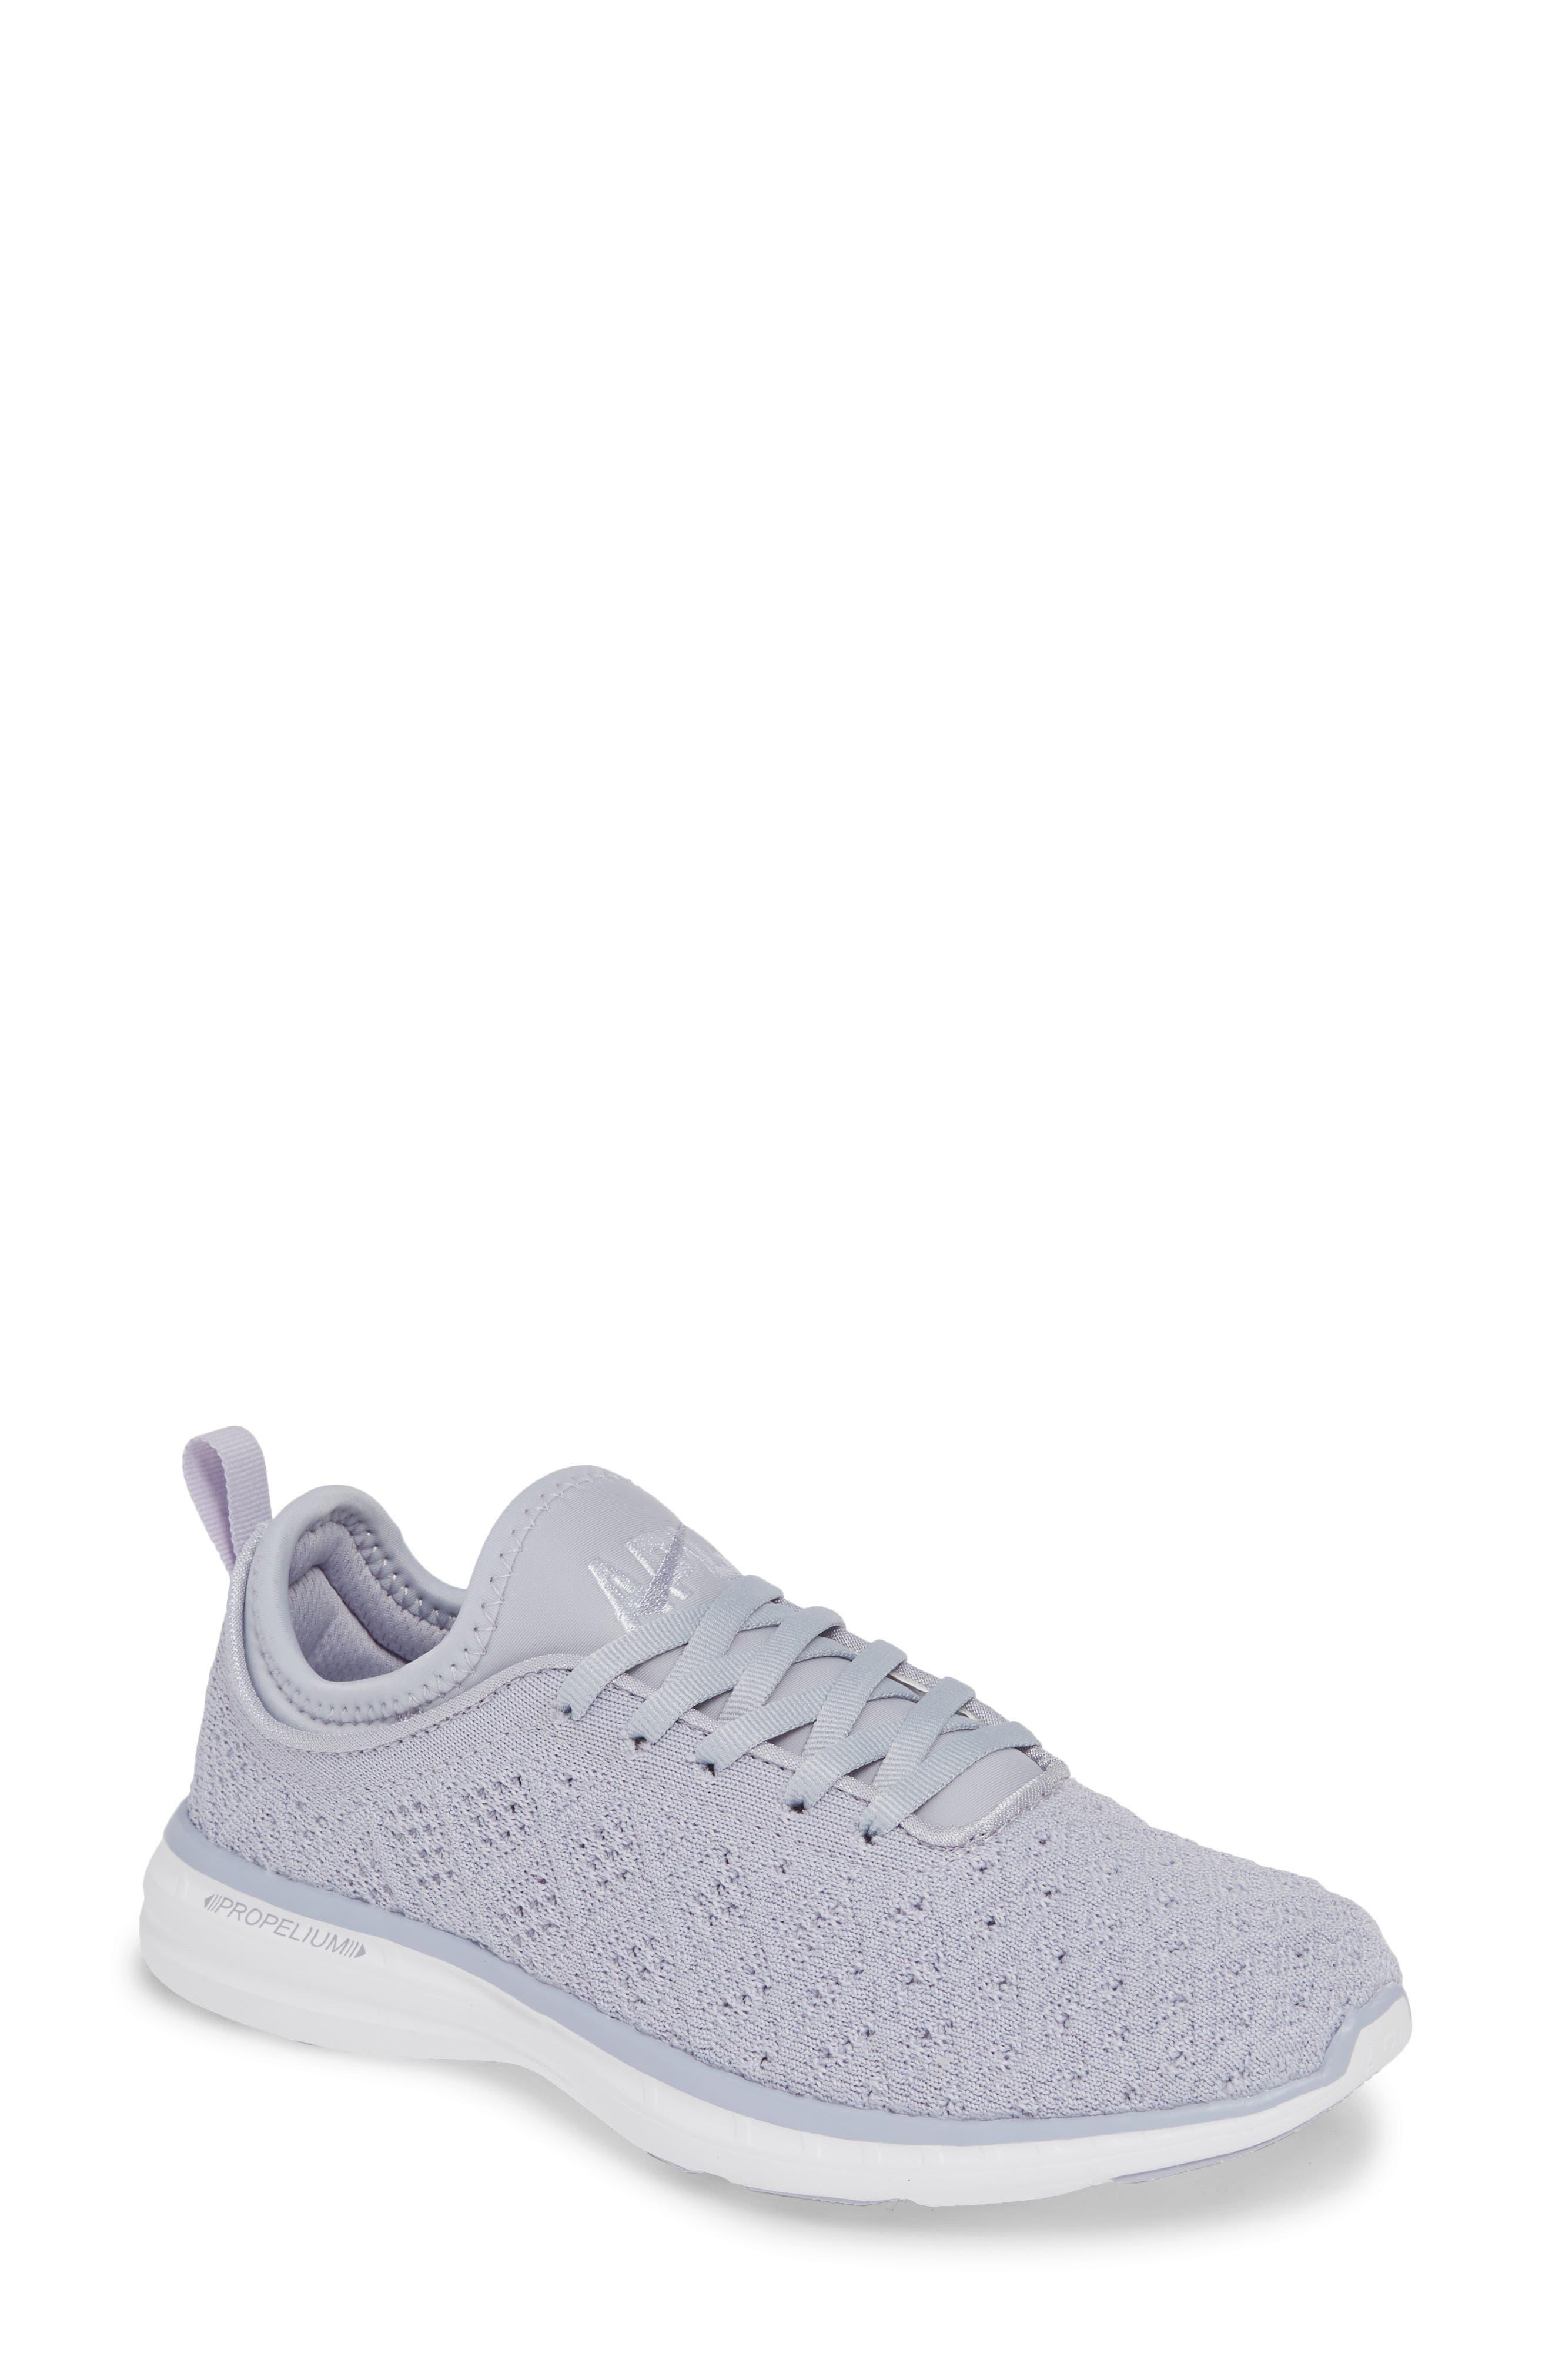 APL TechLoom Phantom Running Shoe, Main, color, FADED LAVENDER/ WHITE